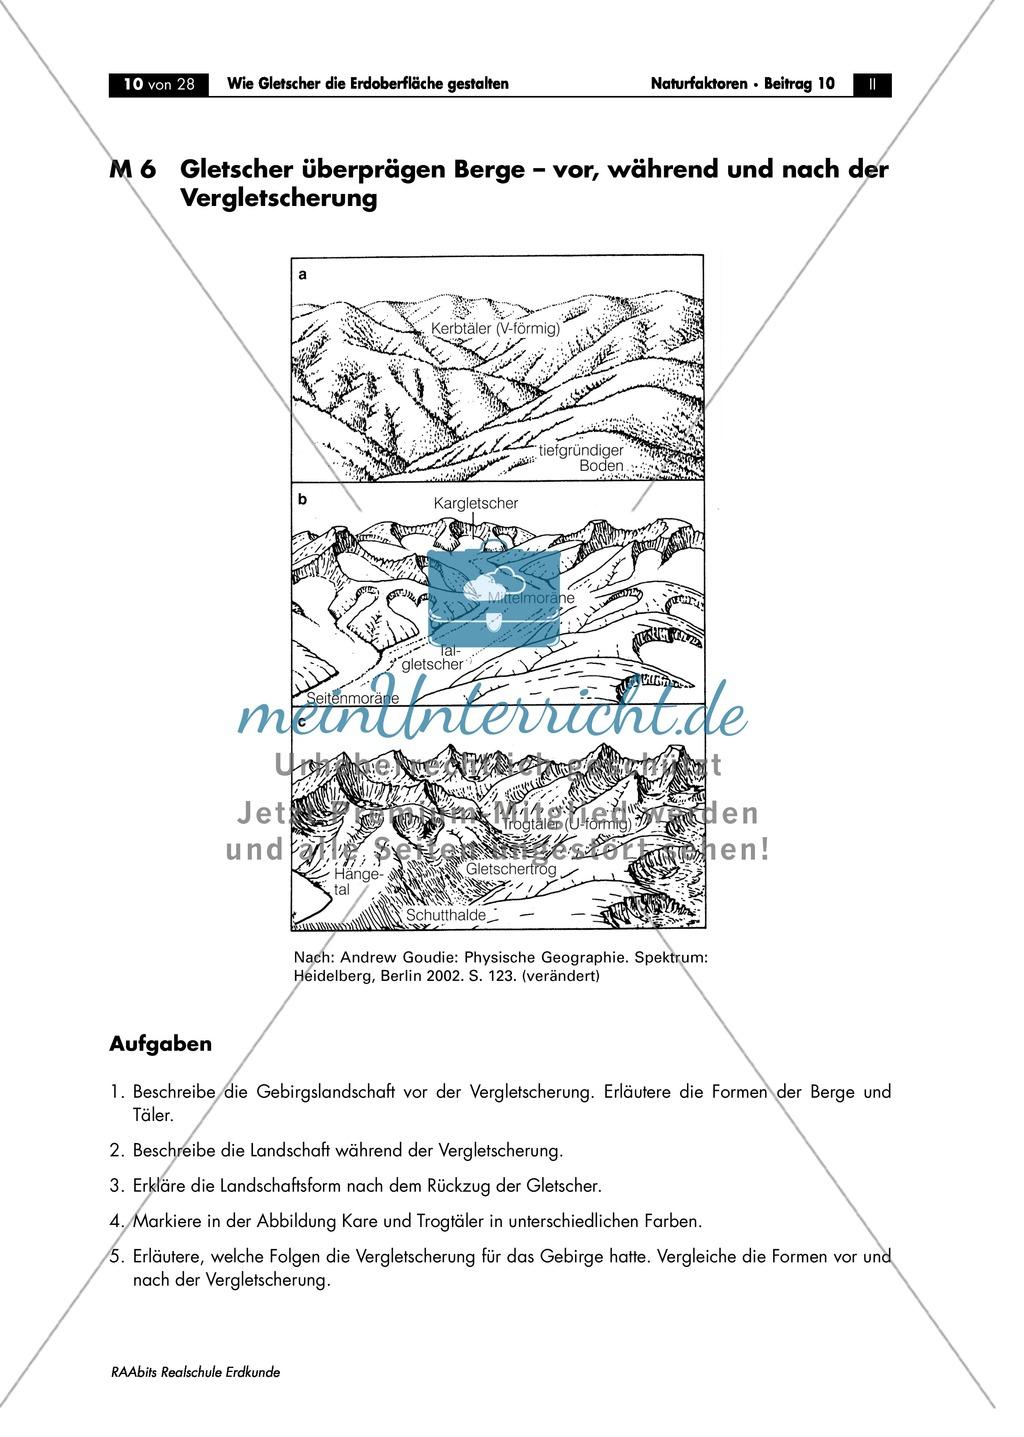 Gletscher - glaziale Erosionsformen: Trogtäler + Kar + Überformung durch Vergletscherung - Arbeitsblätter Preview 2